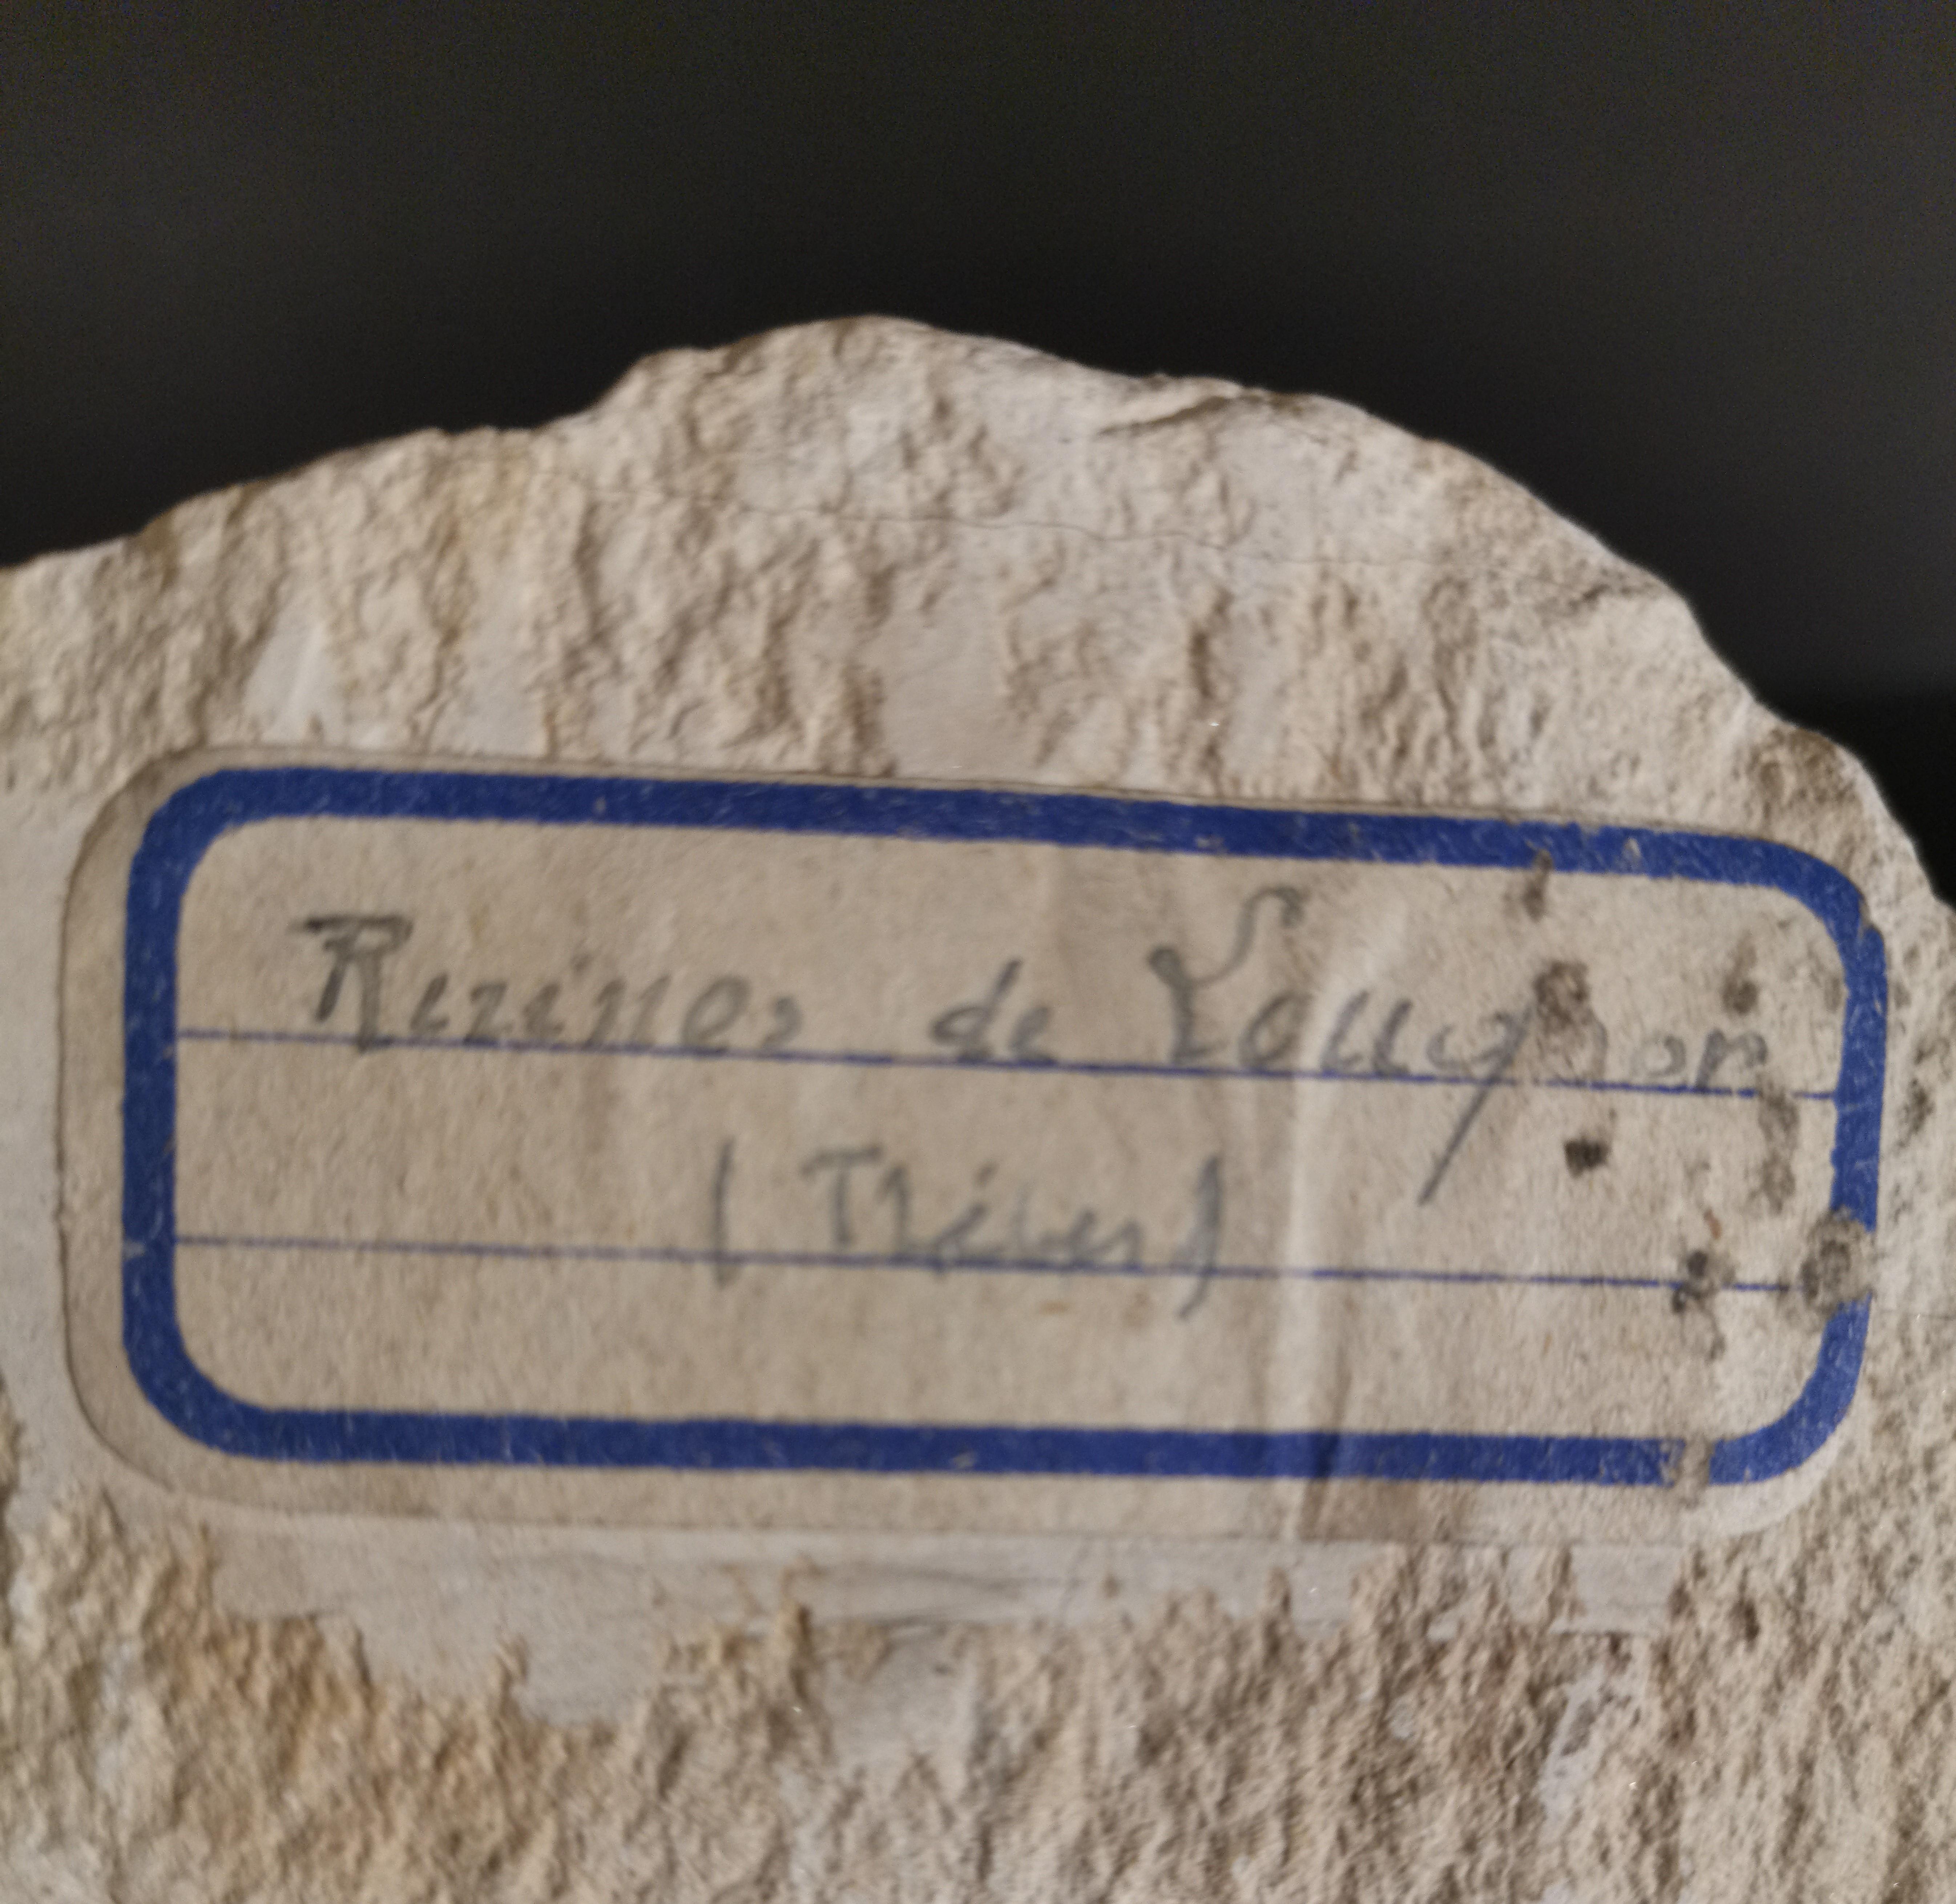 Lot 53 - Fragment de bas relief orné d'une scène probablement funéraire représentant des [...]